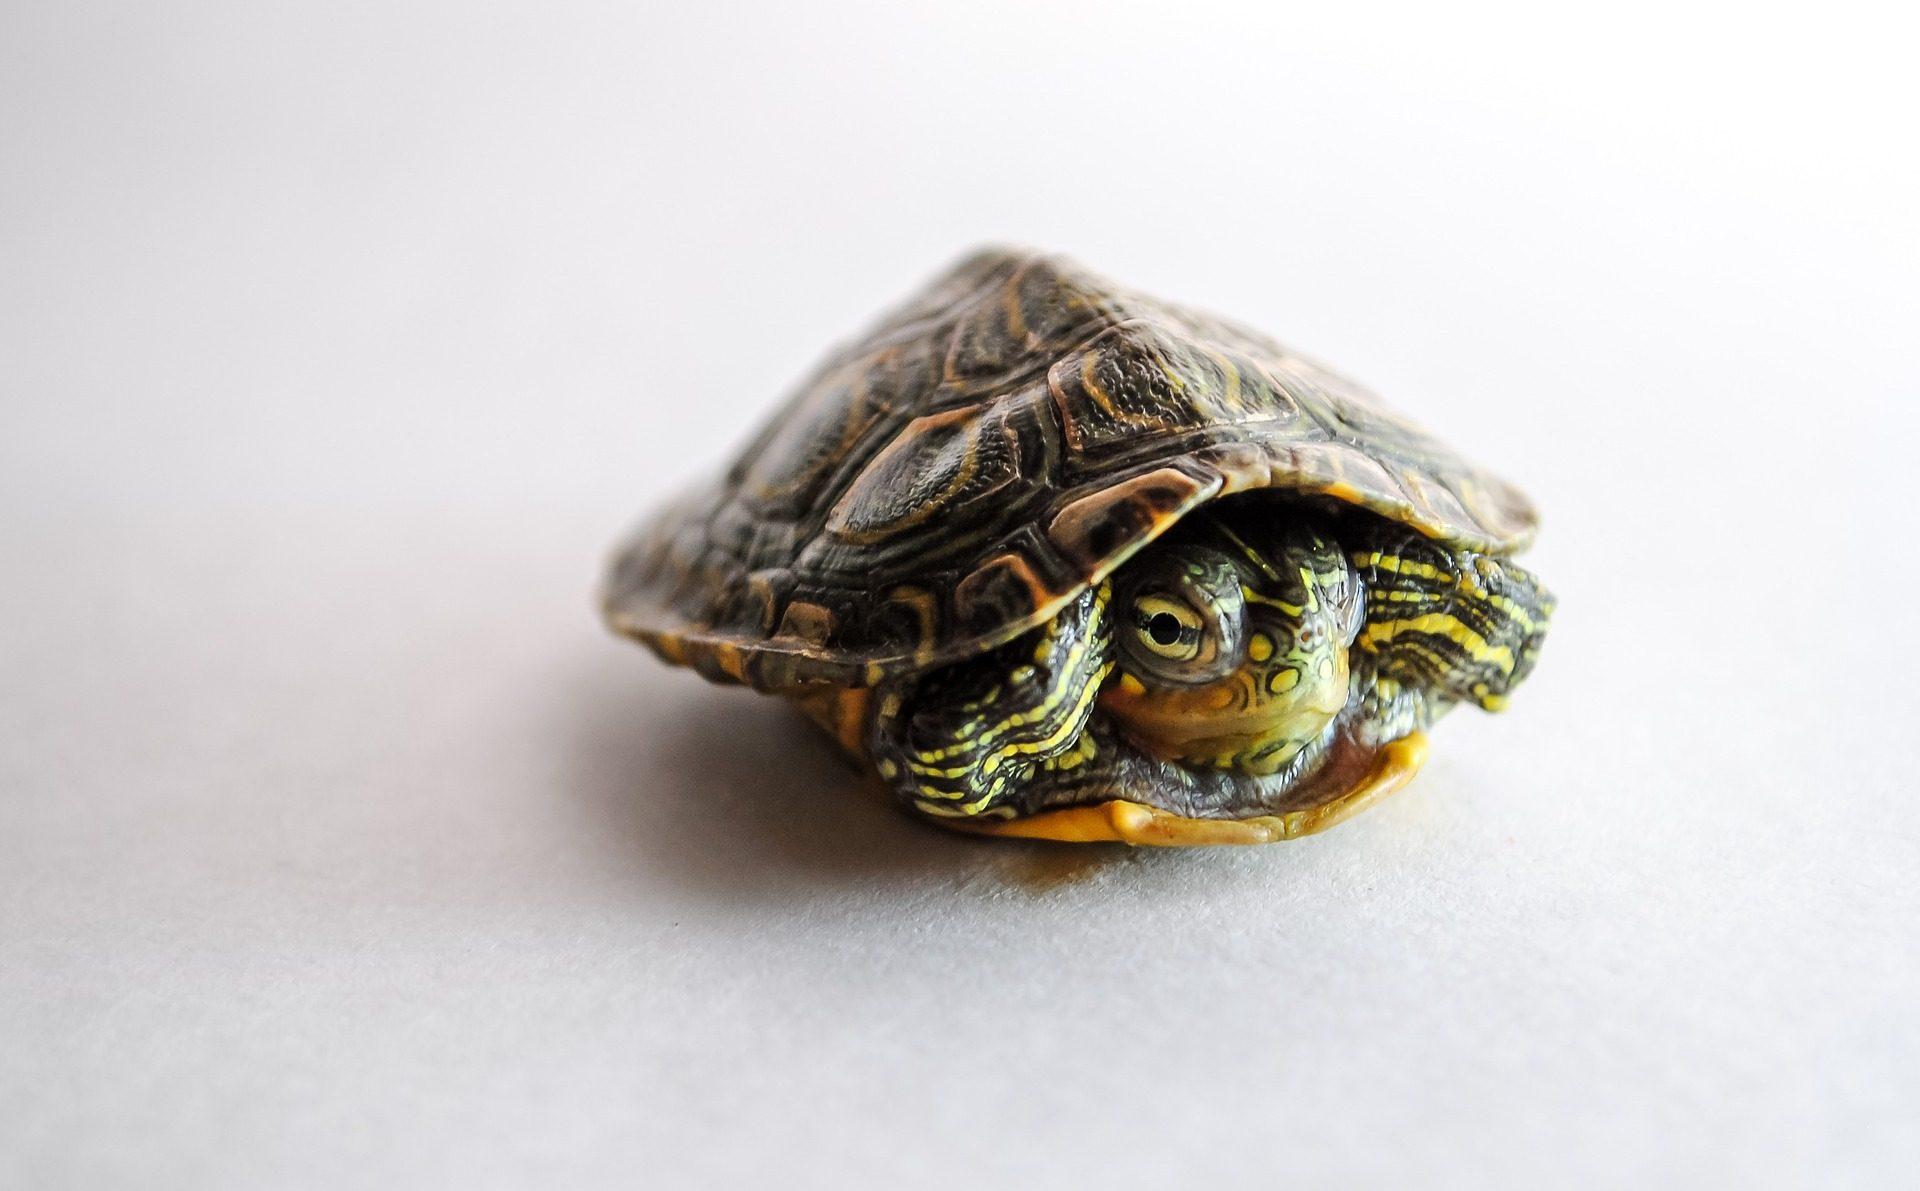 Tortue, Coquille, caché, peur, Reptile - Fonds d'écran HD - Professor-falken.com